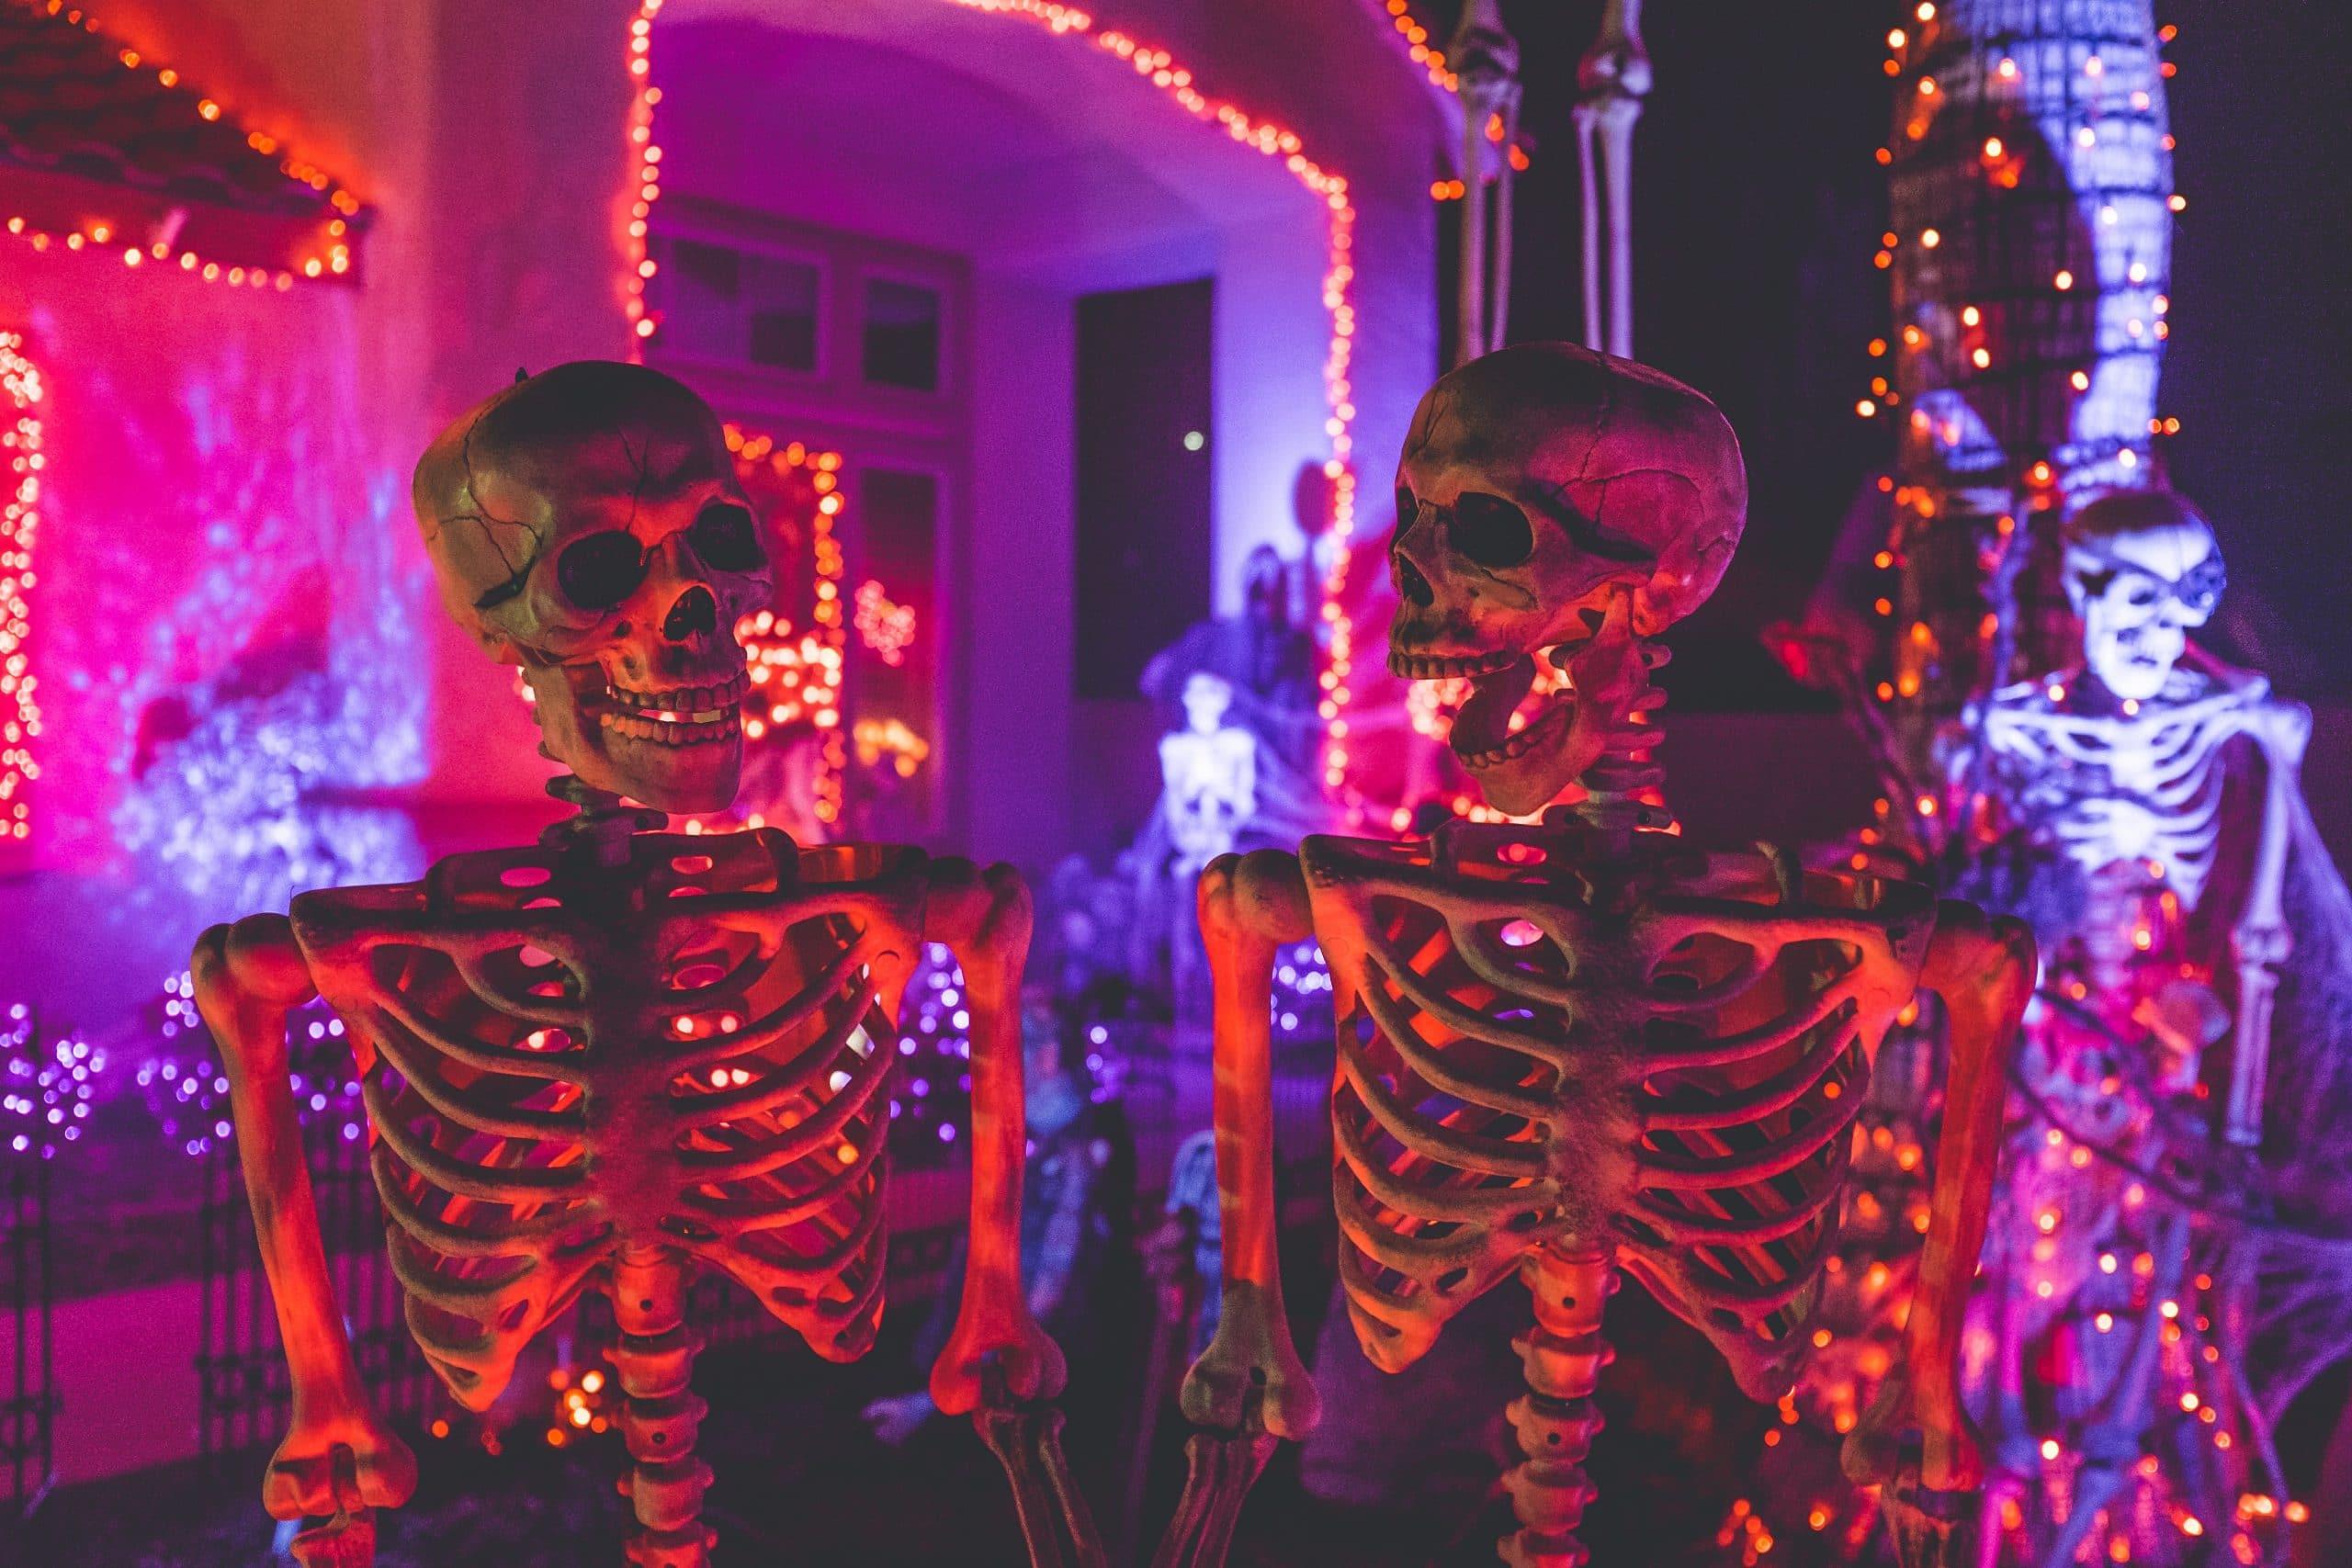 Esqueletos de halloween em casa decorada